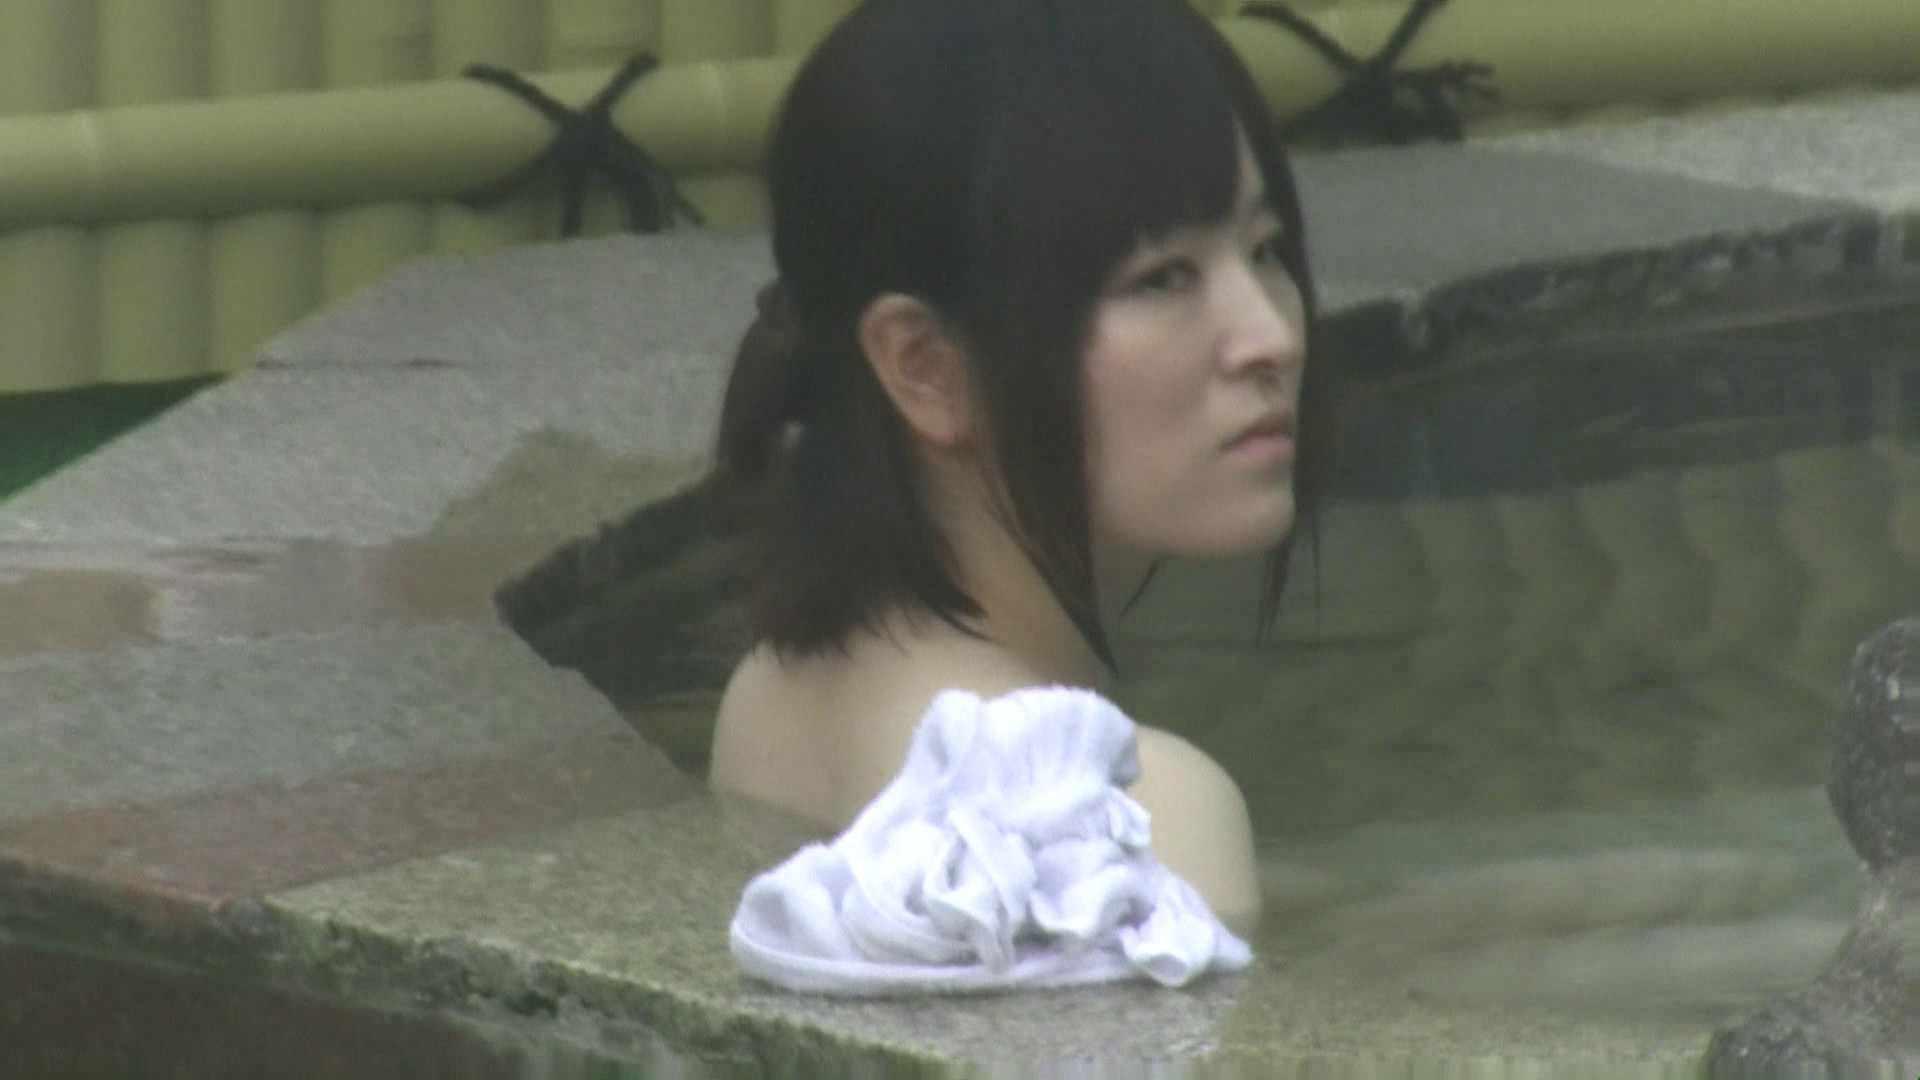 Aquaな露天風呂Vol.606 盗撮 | 綺麗なOLたち  110枚 1